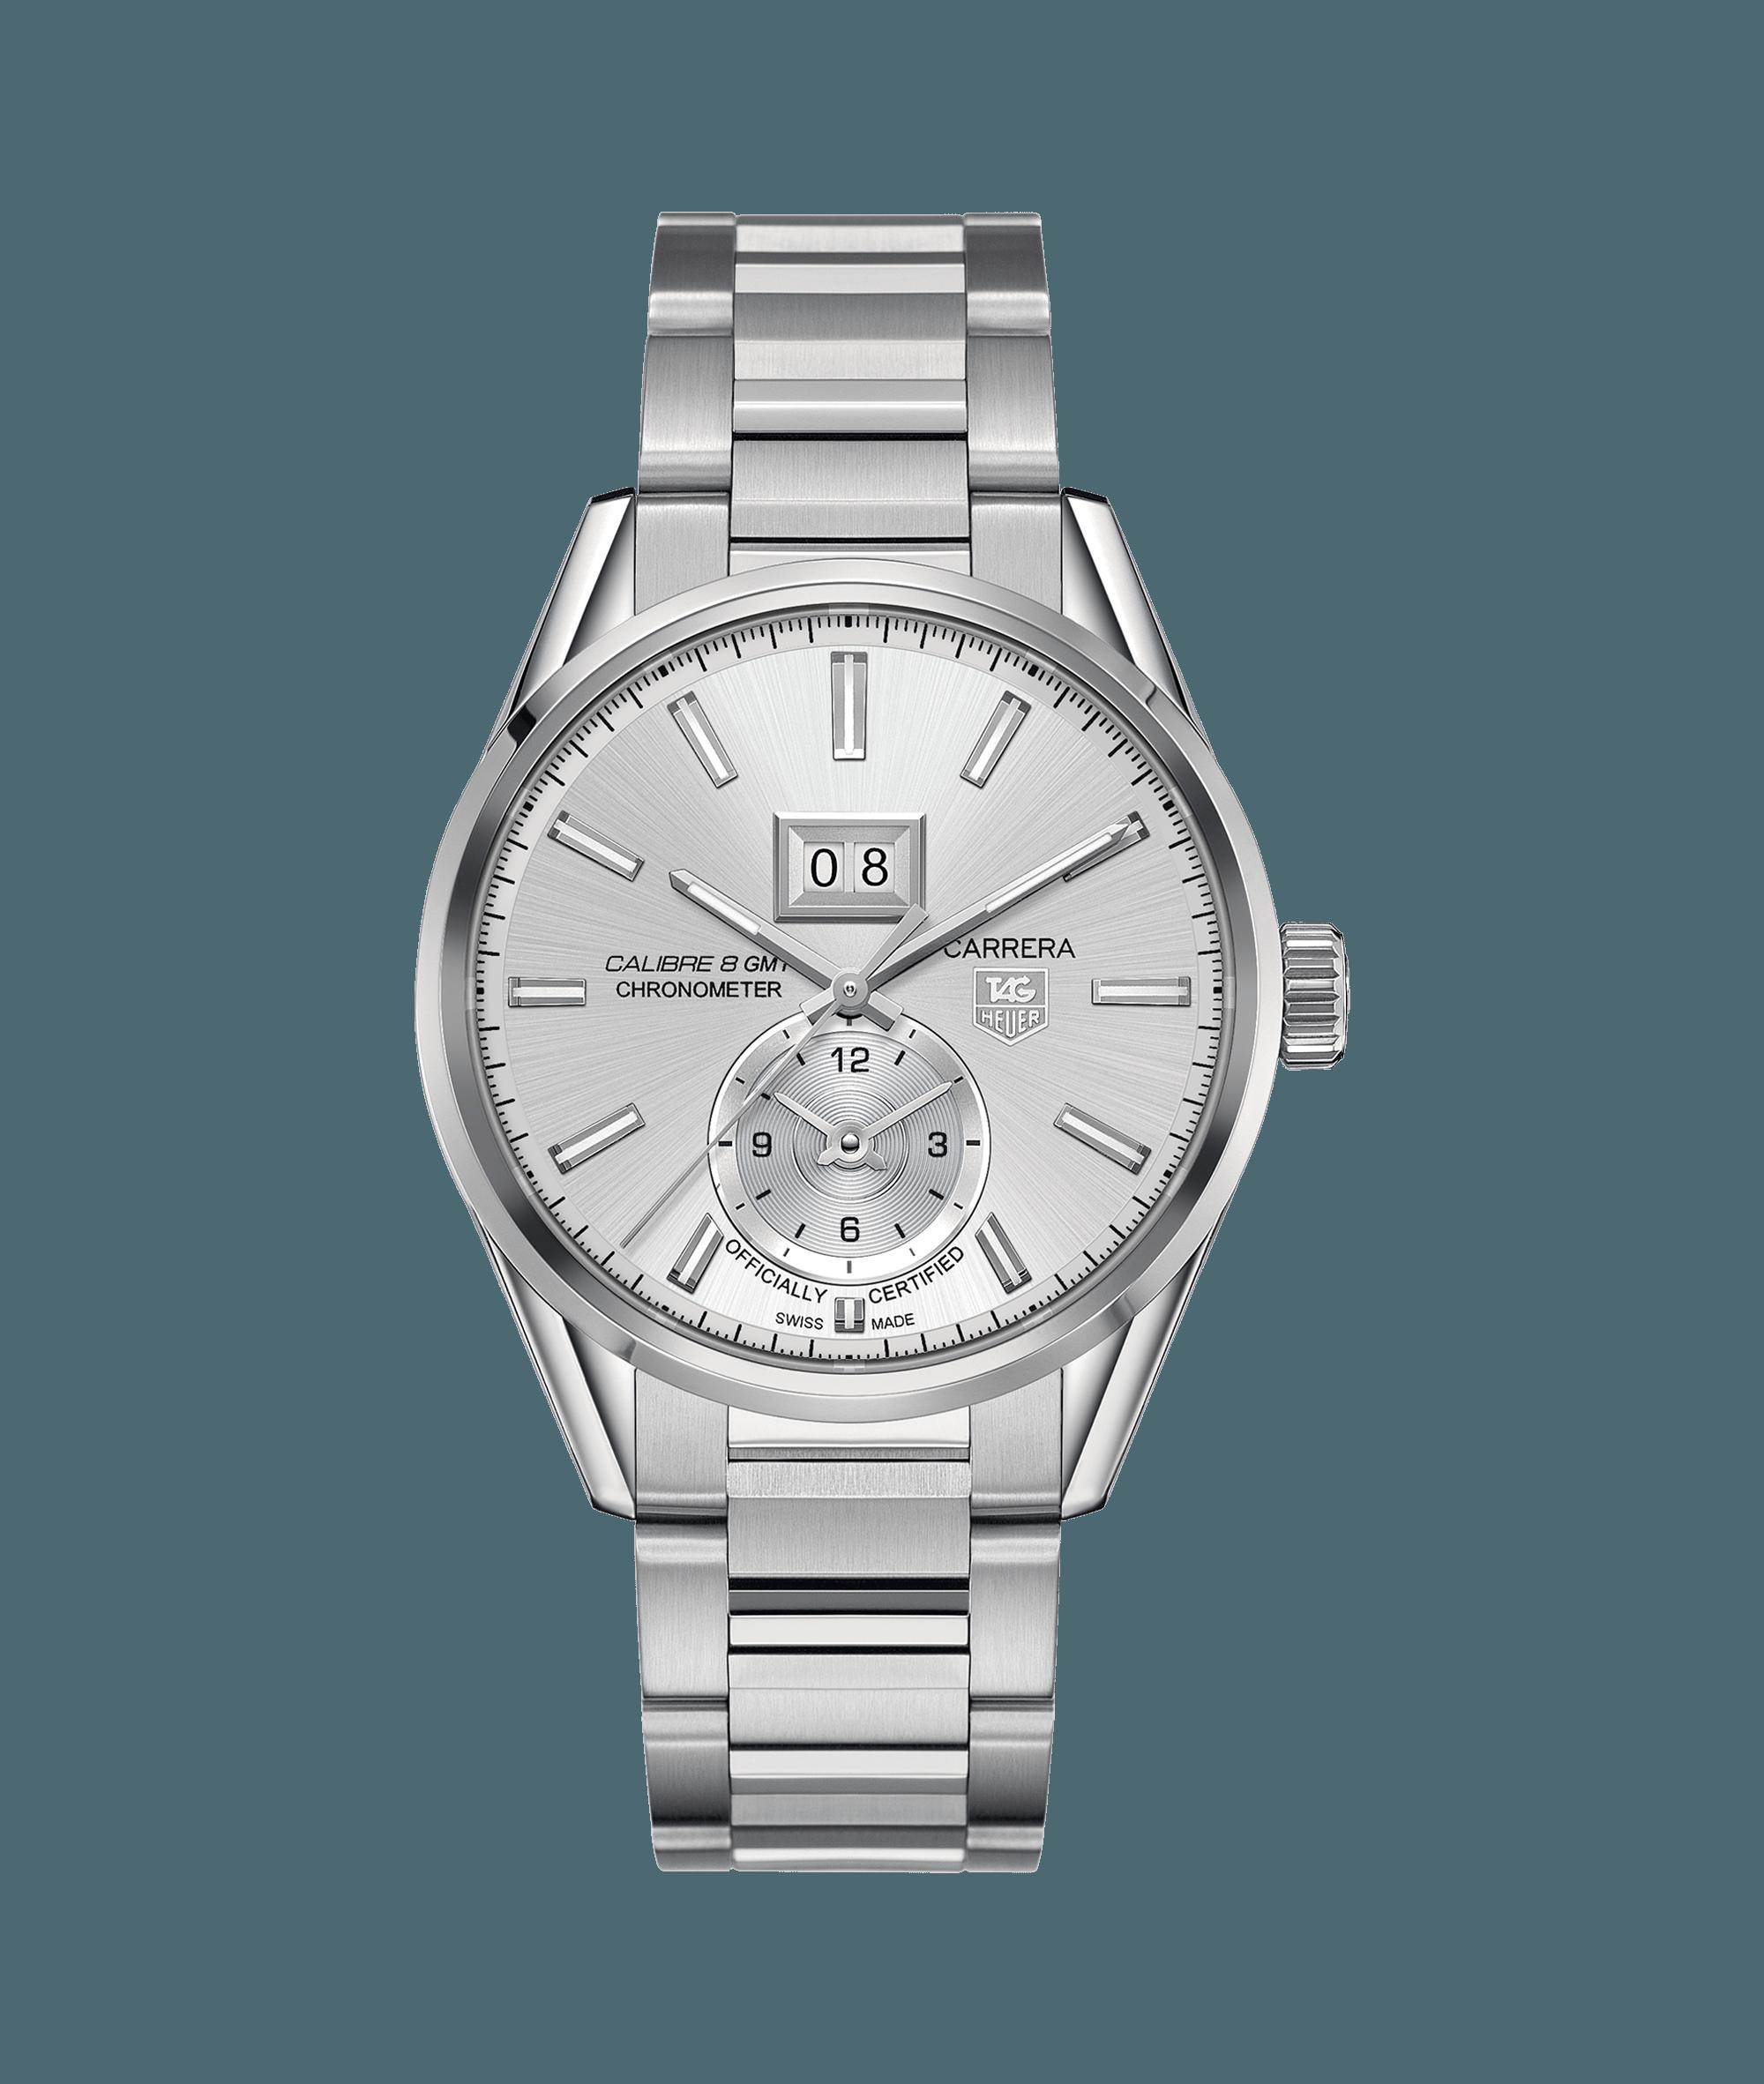 タグ・ホイヤー カレラ オートマティック GMTグランドデイト WAR5011.BA0723